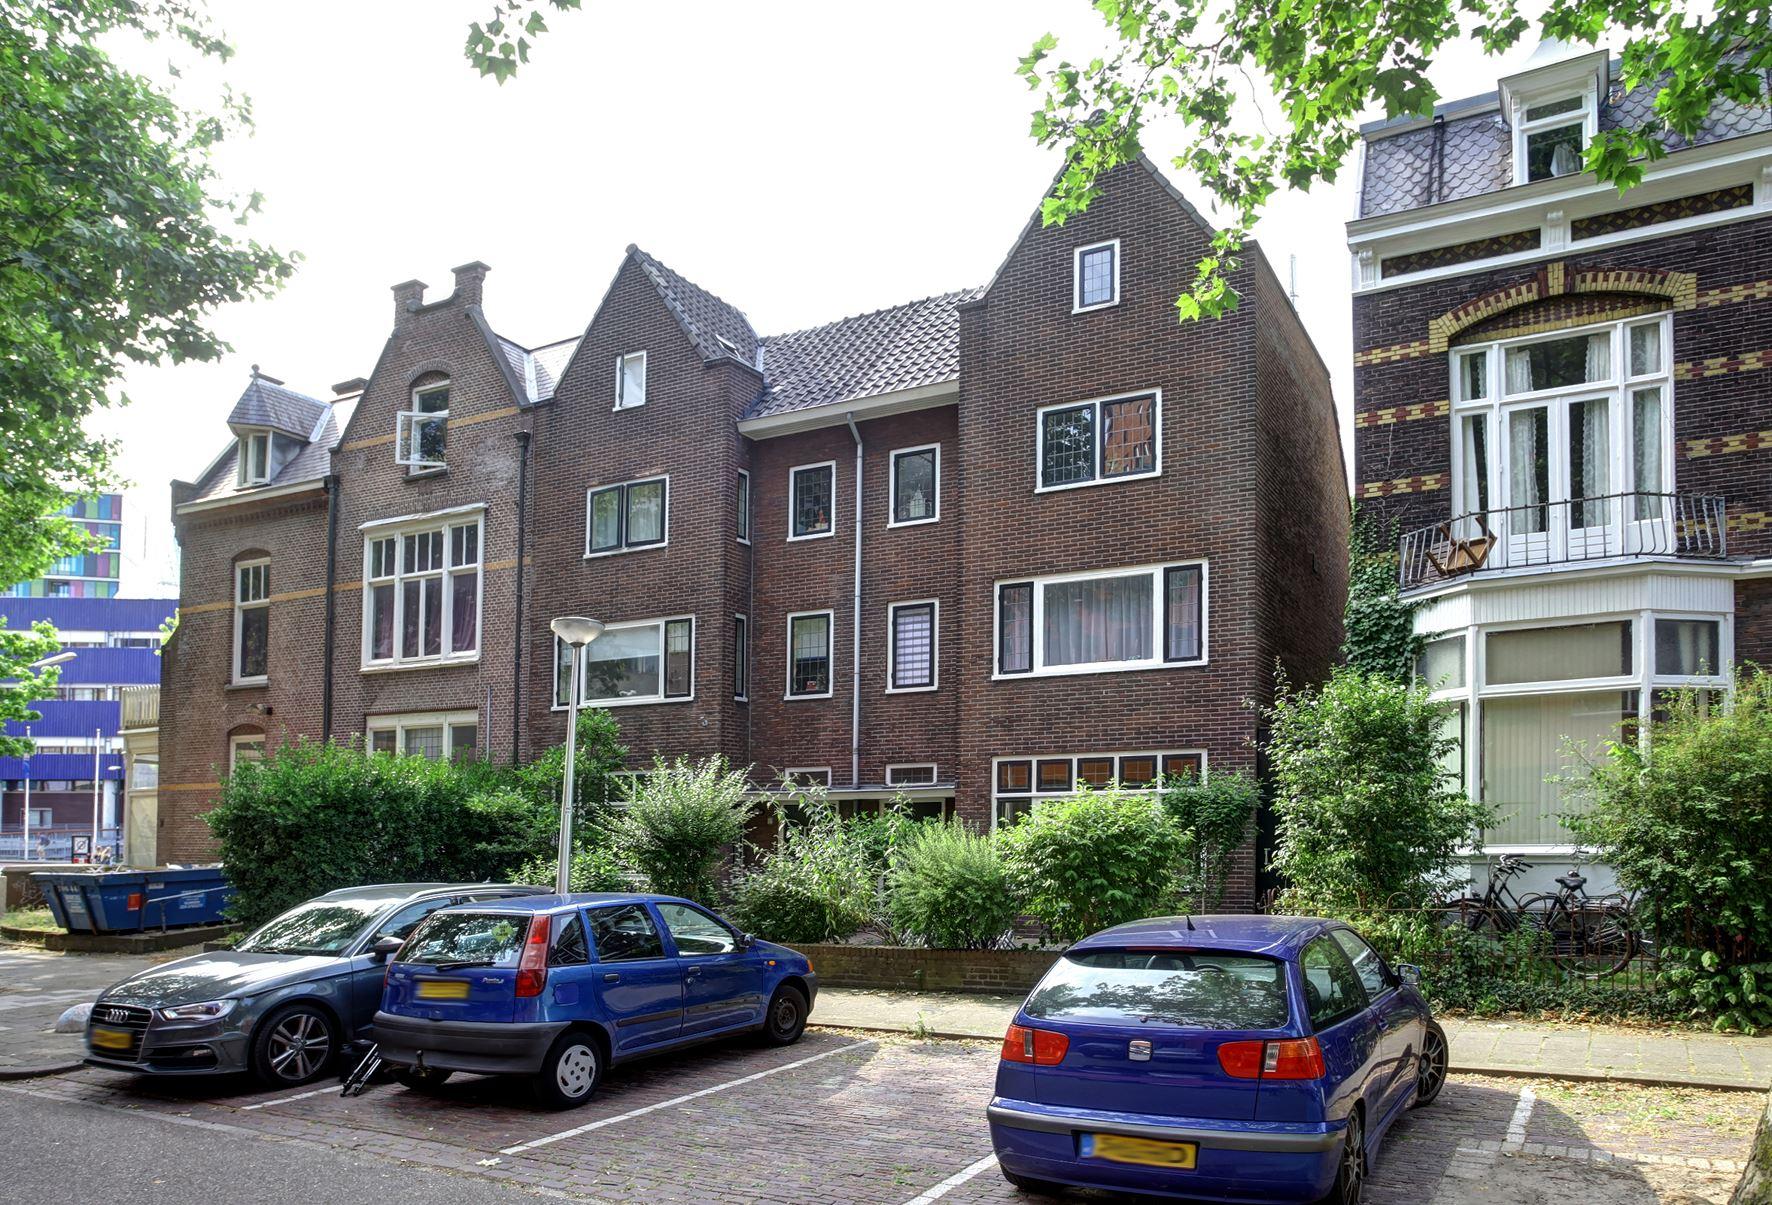 Huis te koop vredestraat 14 6511 ag nijmegen funda for Huis te koop in nijmegen